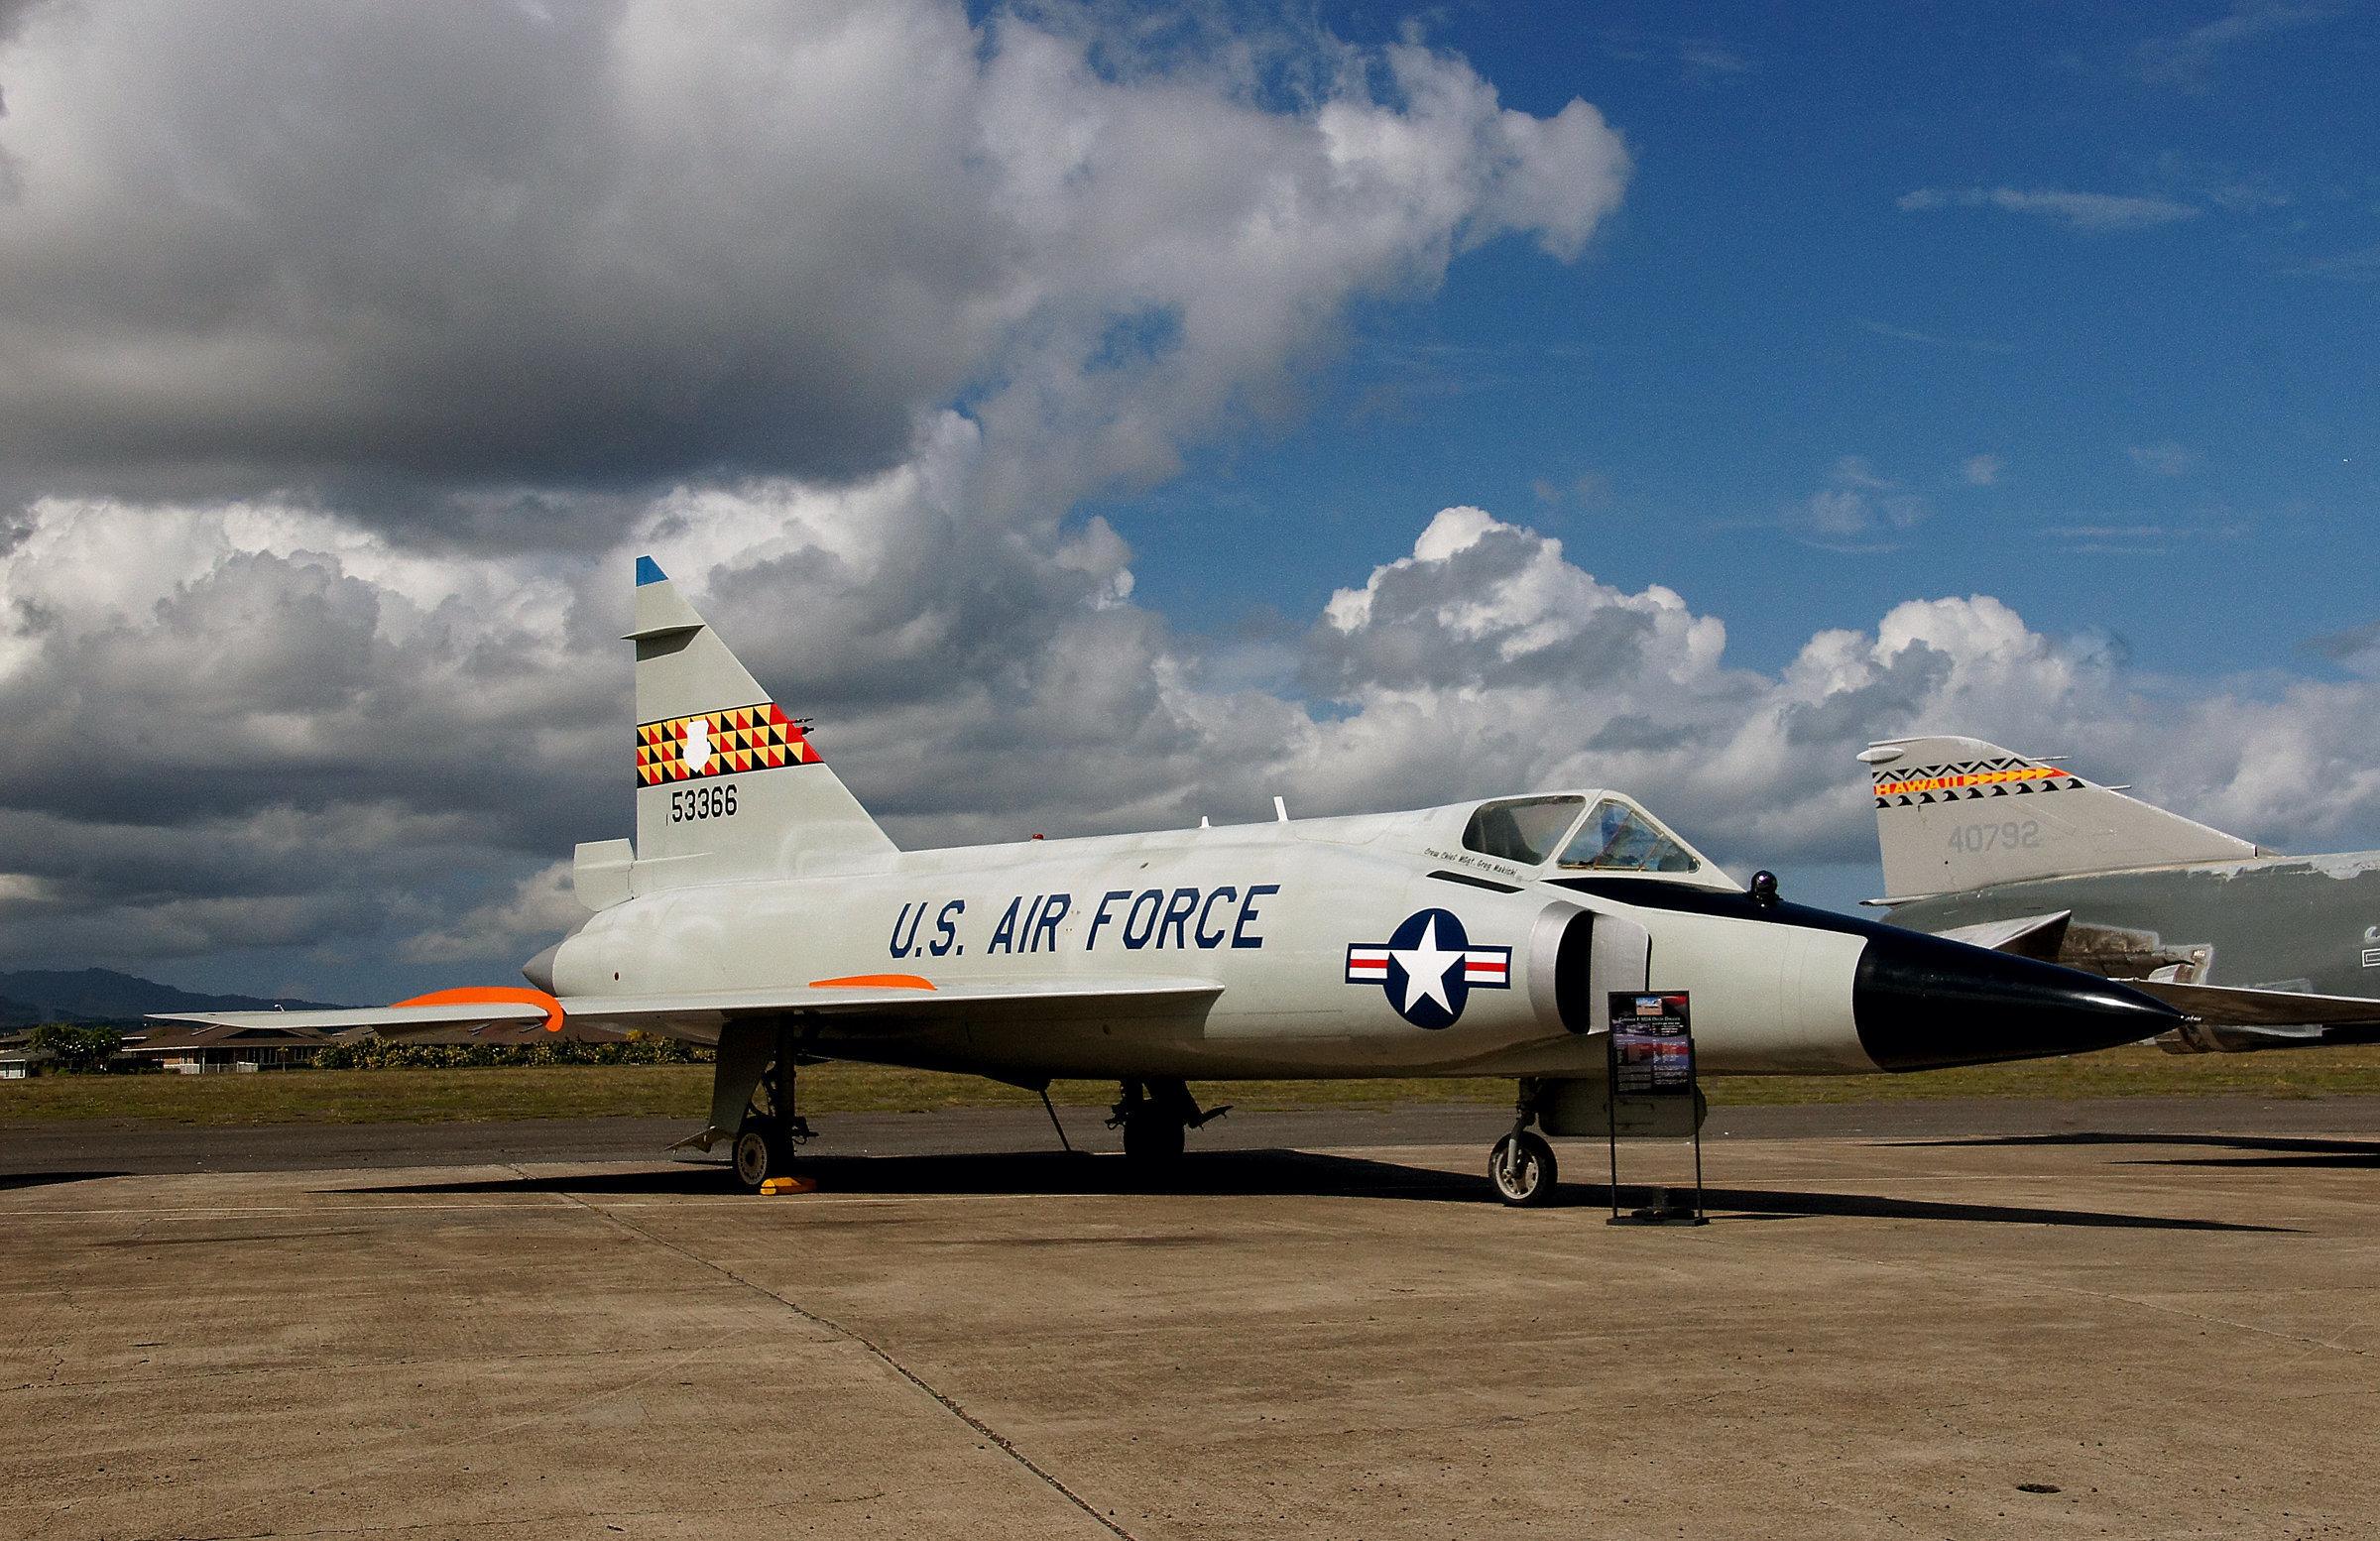 Jato americano Convair F-102 Delta Dagger